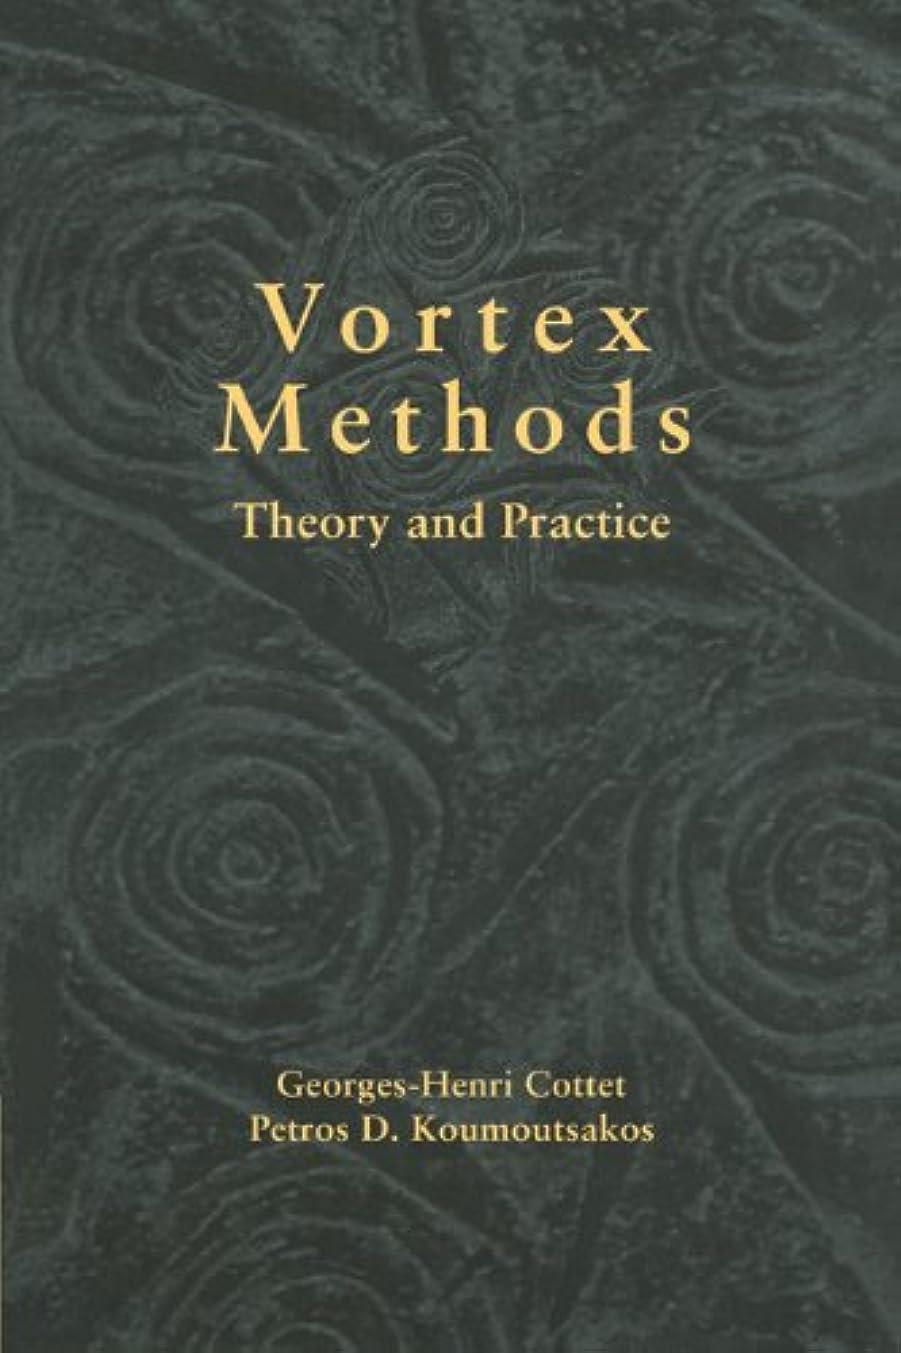 クラッチ別々に穿孔するVortex Methods: Theory and Practice